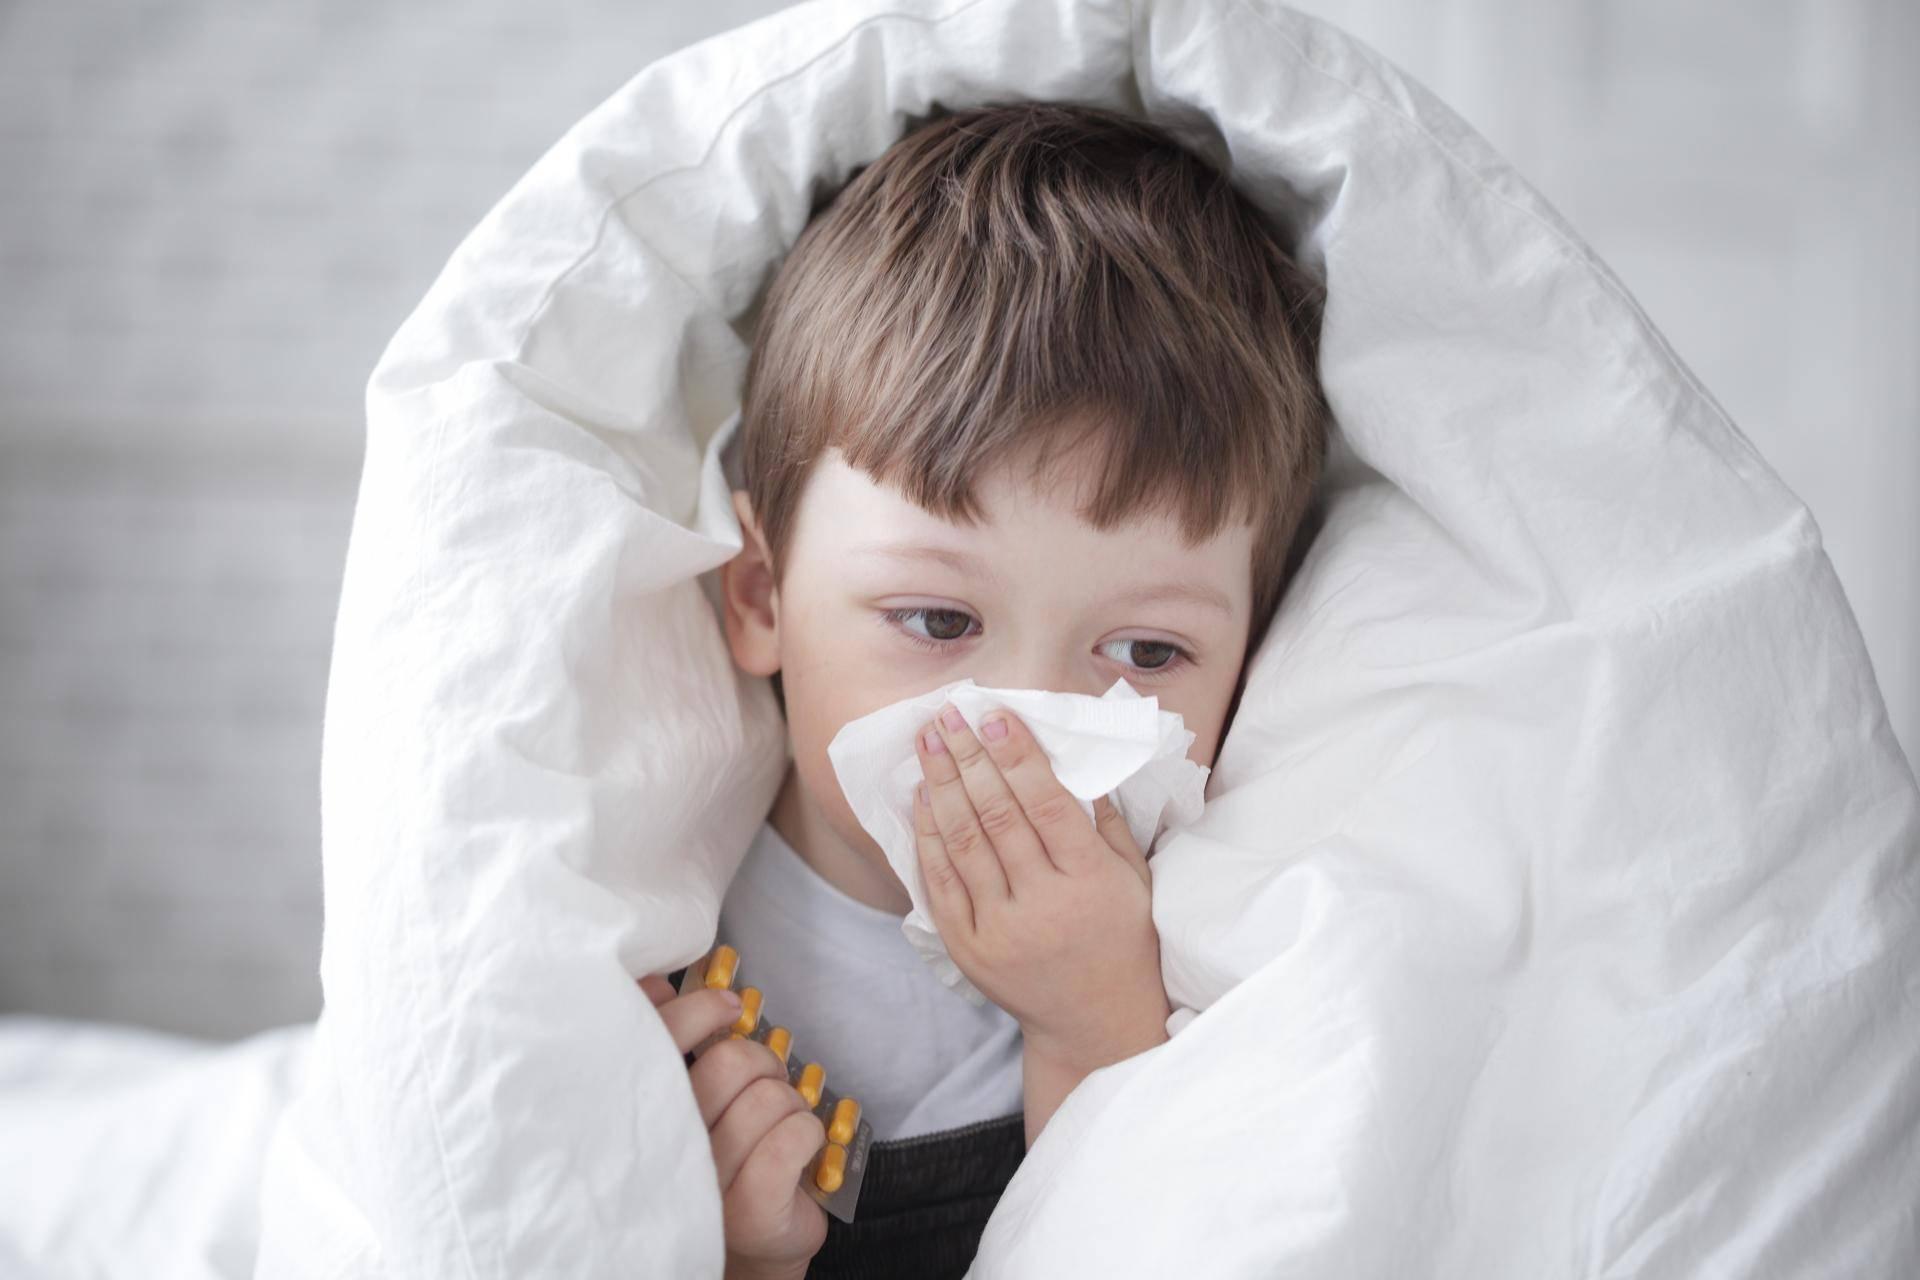 У грудничка кашель и насморк, но нет температуры: нужно ли начинать лечение